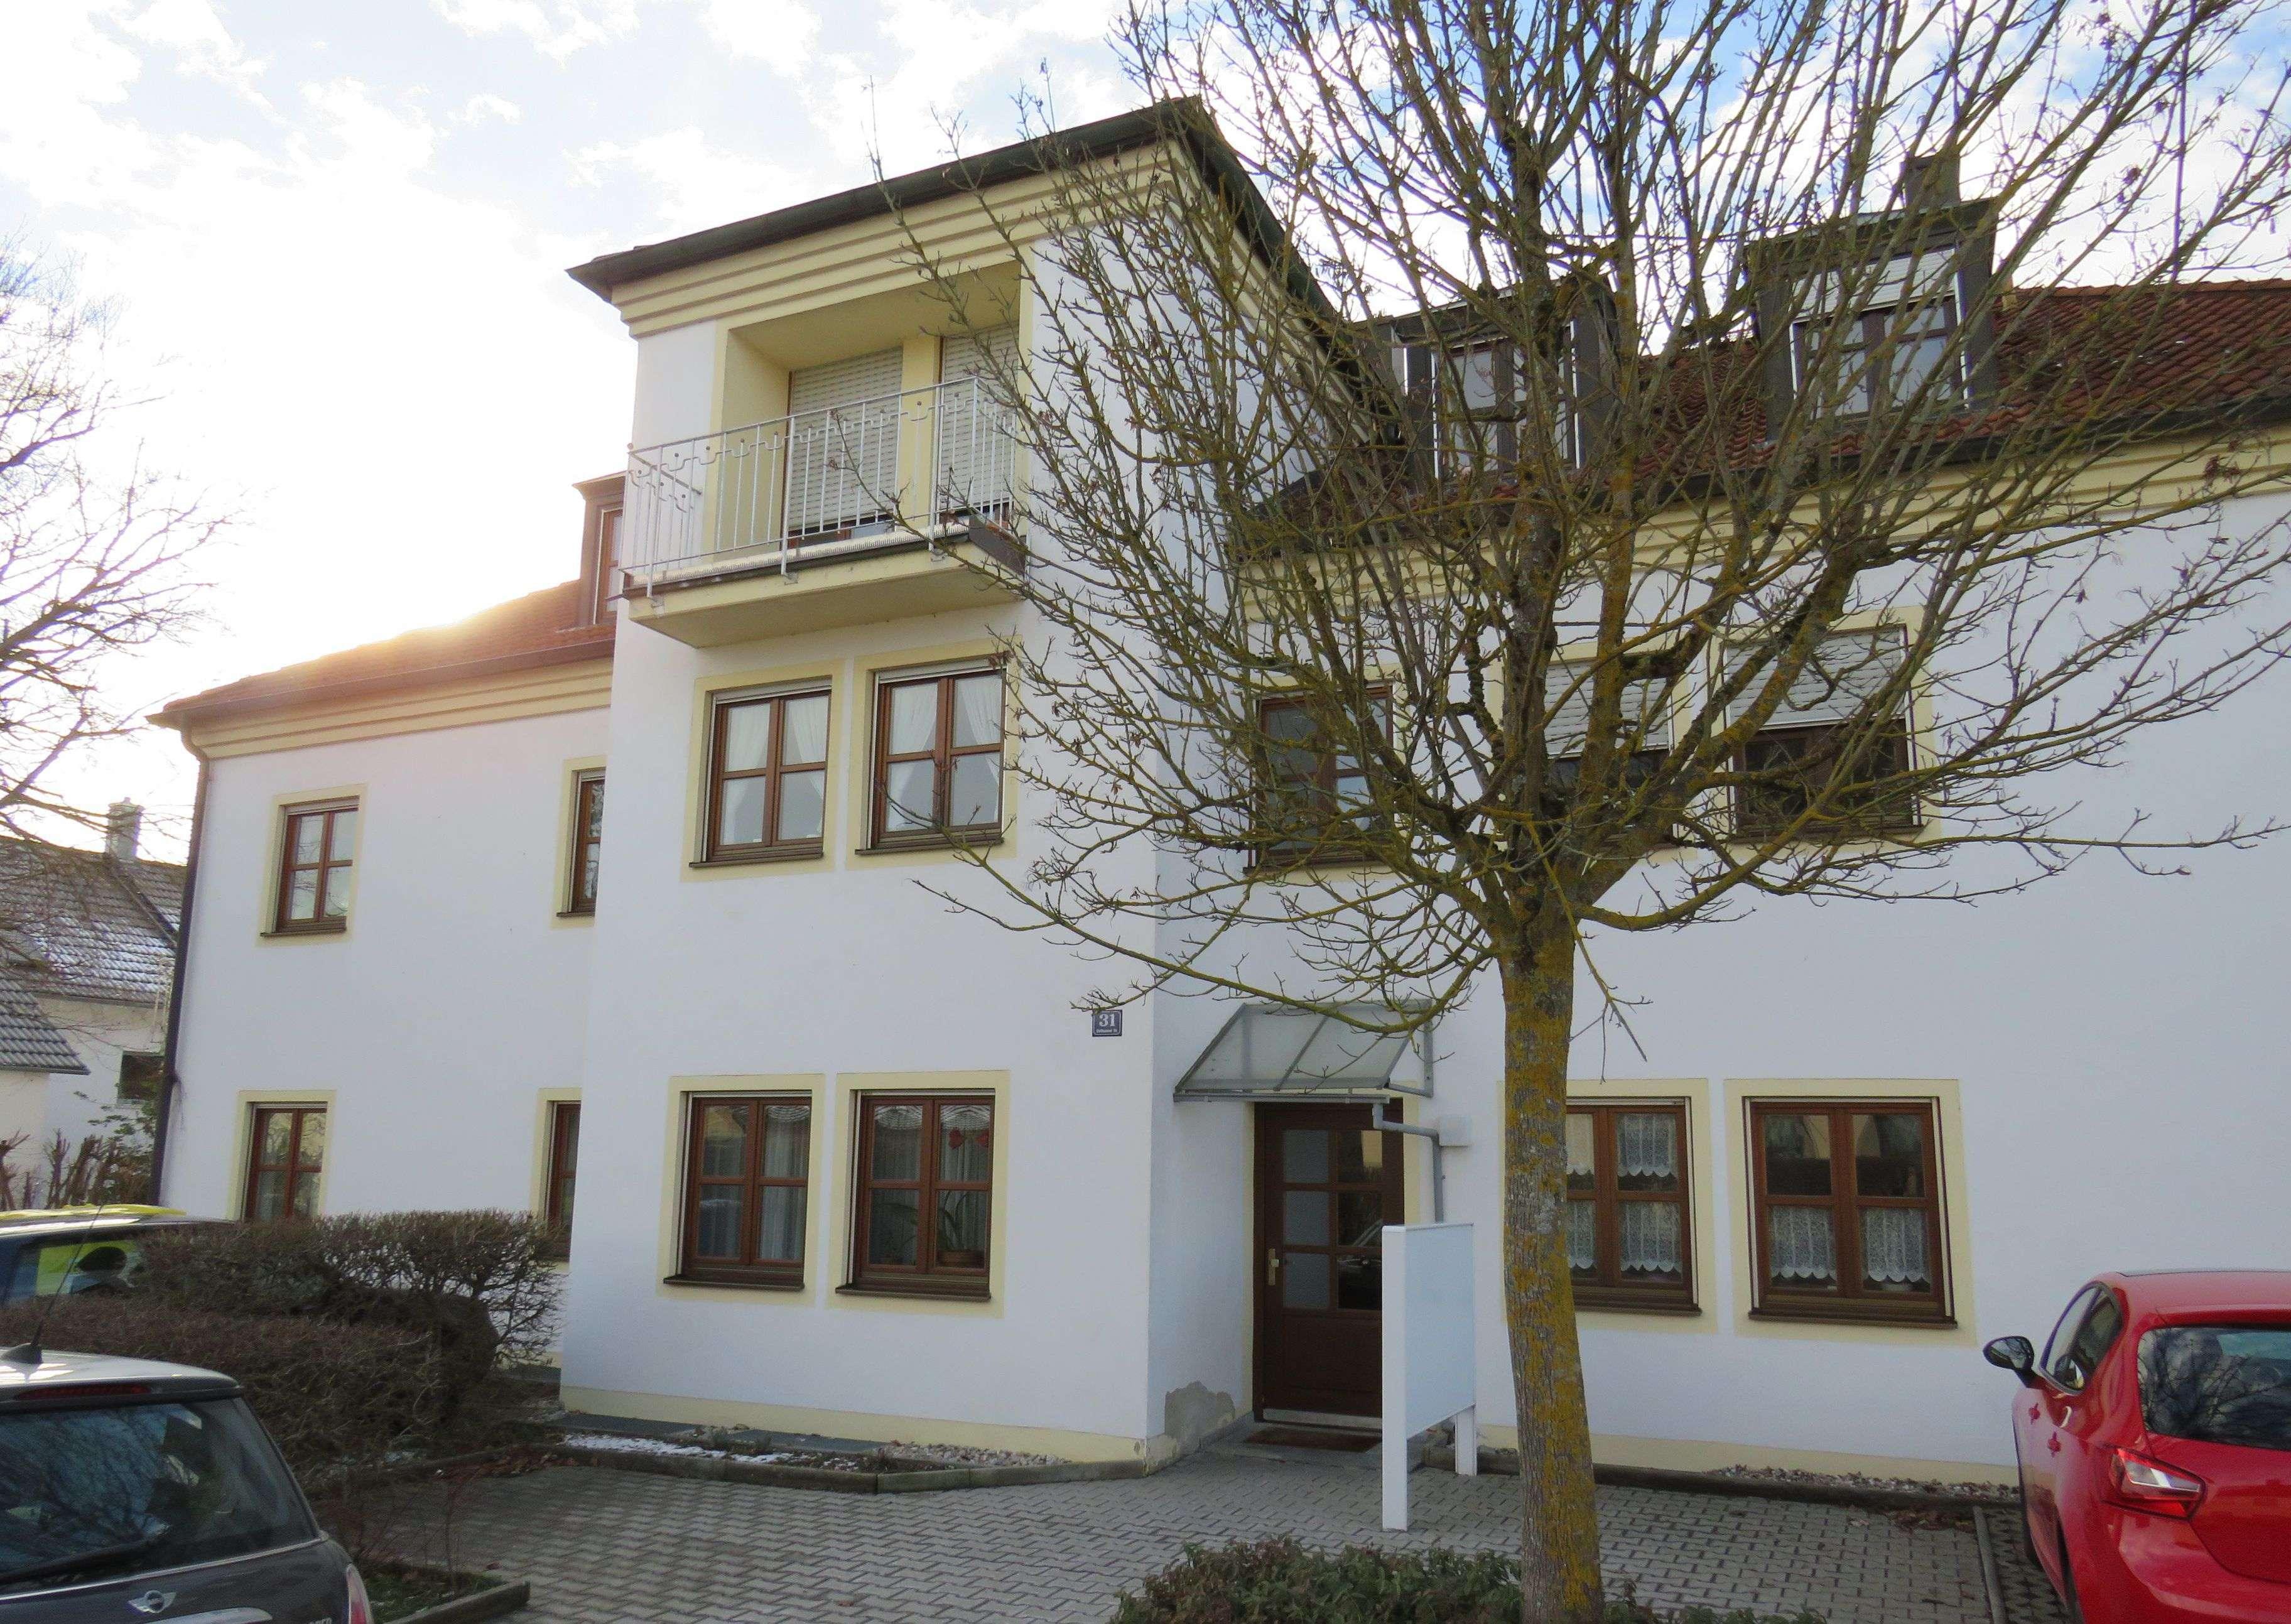 Großzügige, helle und ruhige Wohnung in NEUBURG - Laisacker